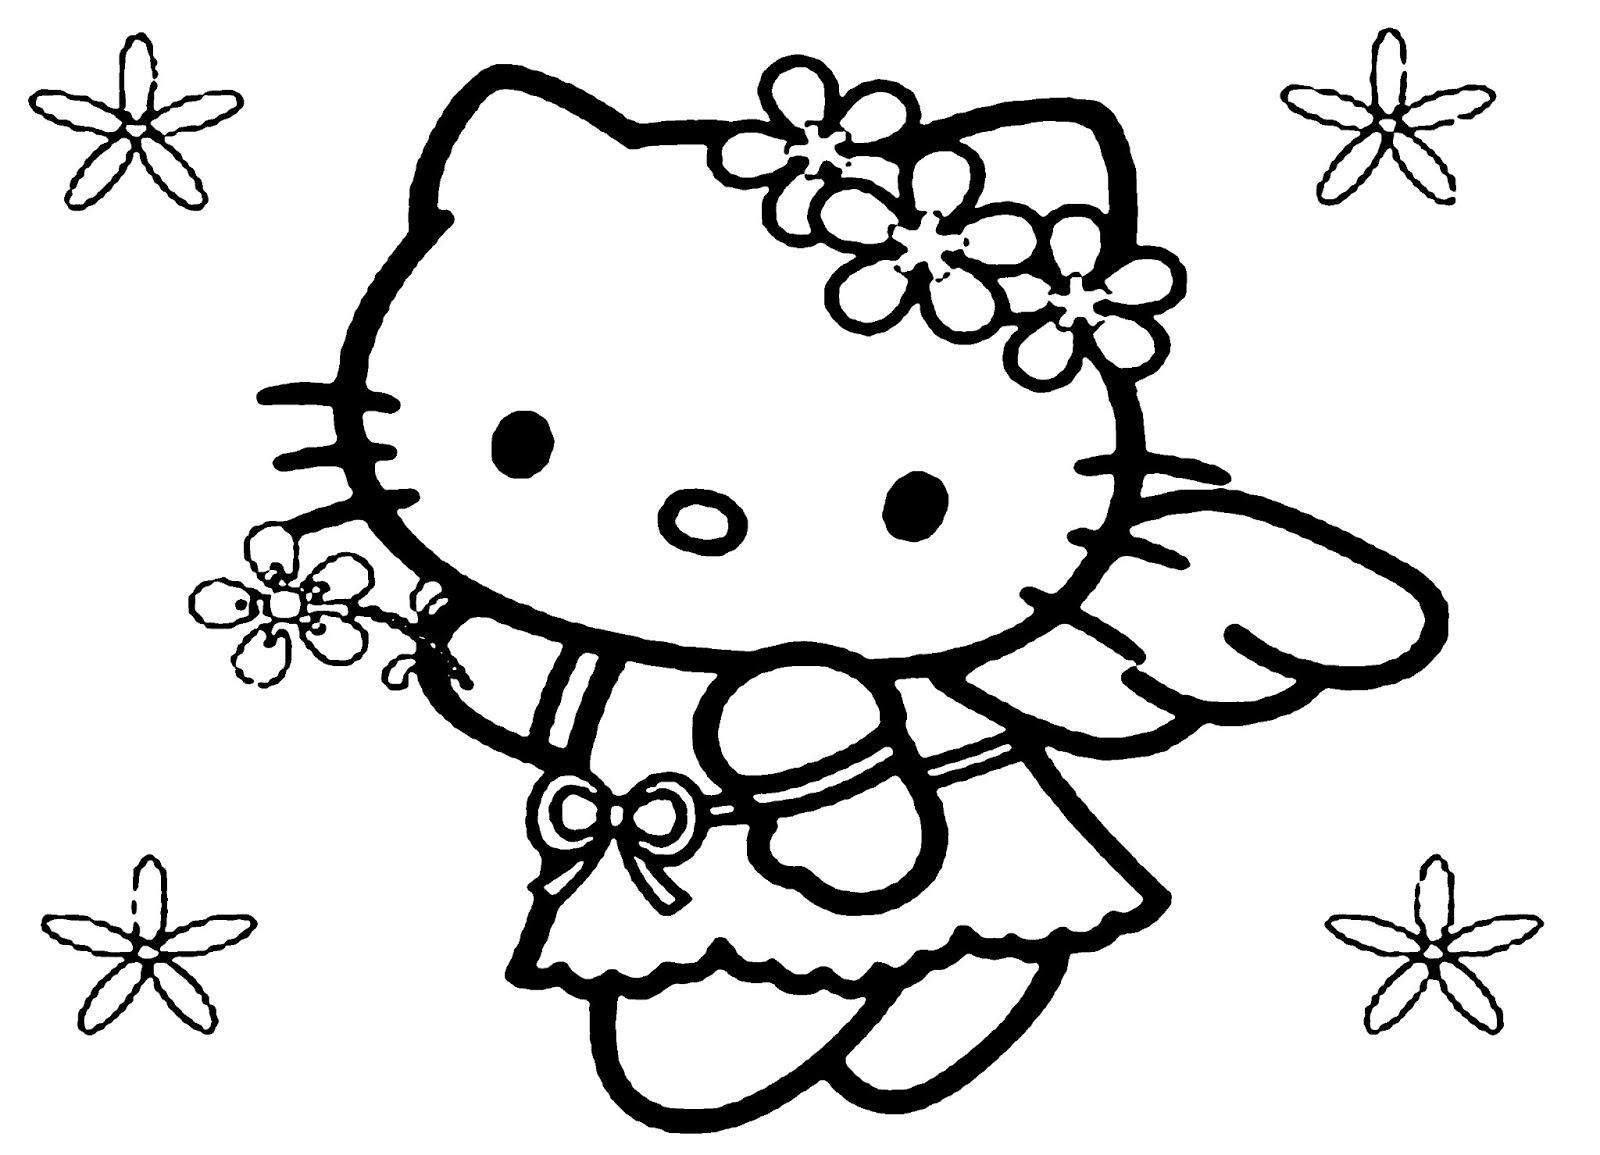 Tranh Hello Kitty đen trắng đẹp